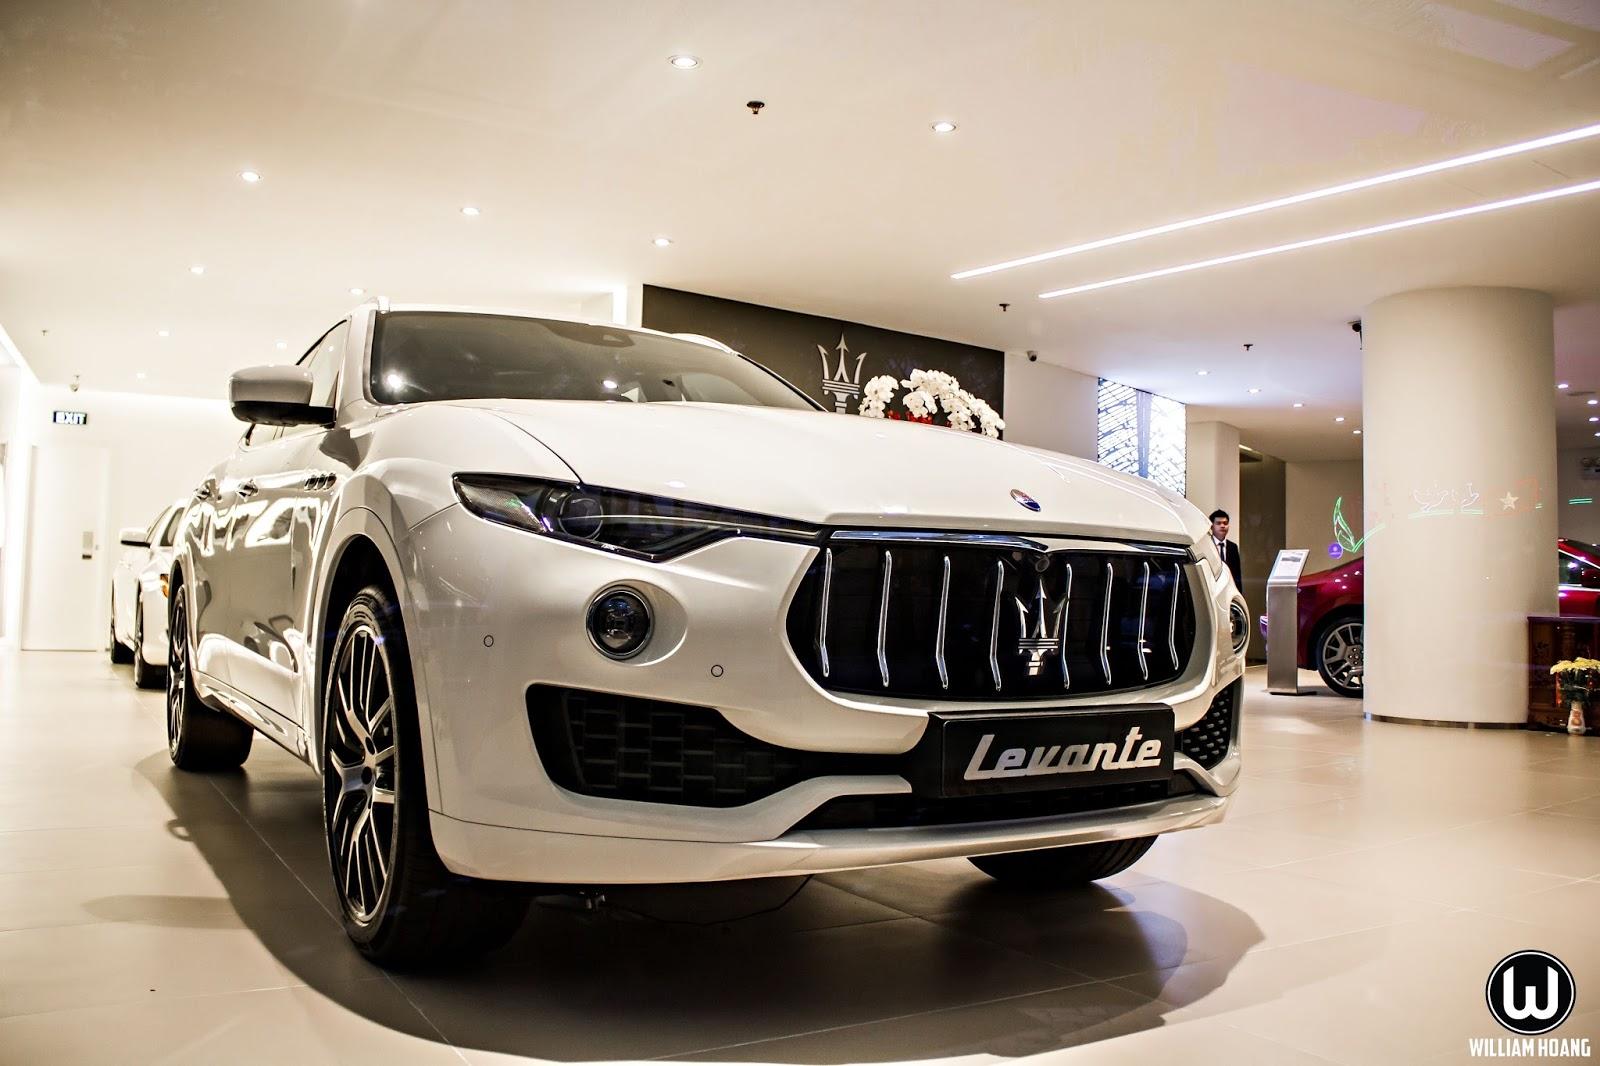 Đầu xe mang đặc trưng đậm chất...Thần Biển của Maserati